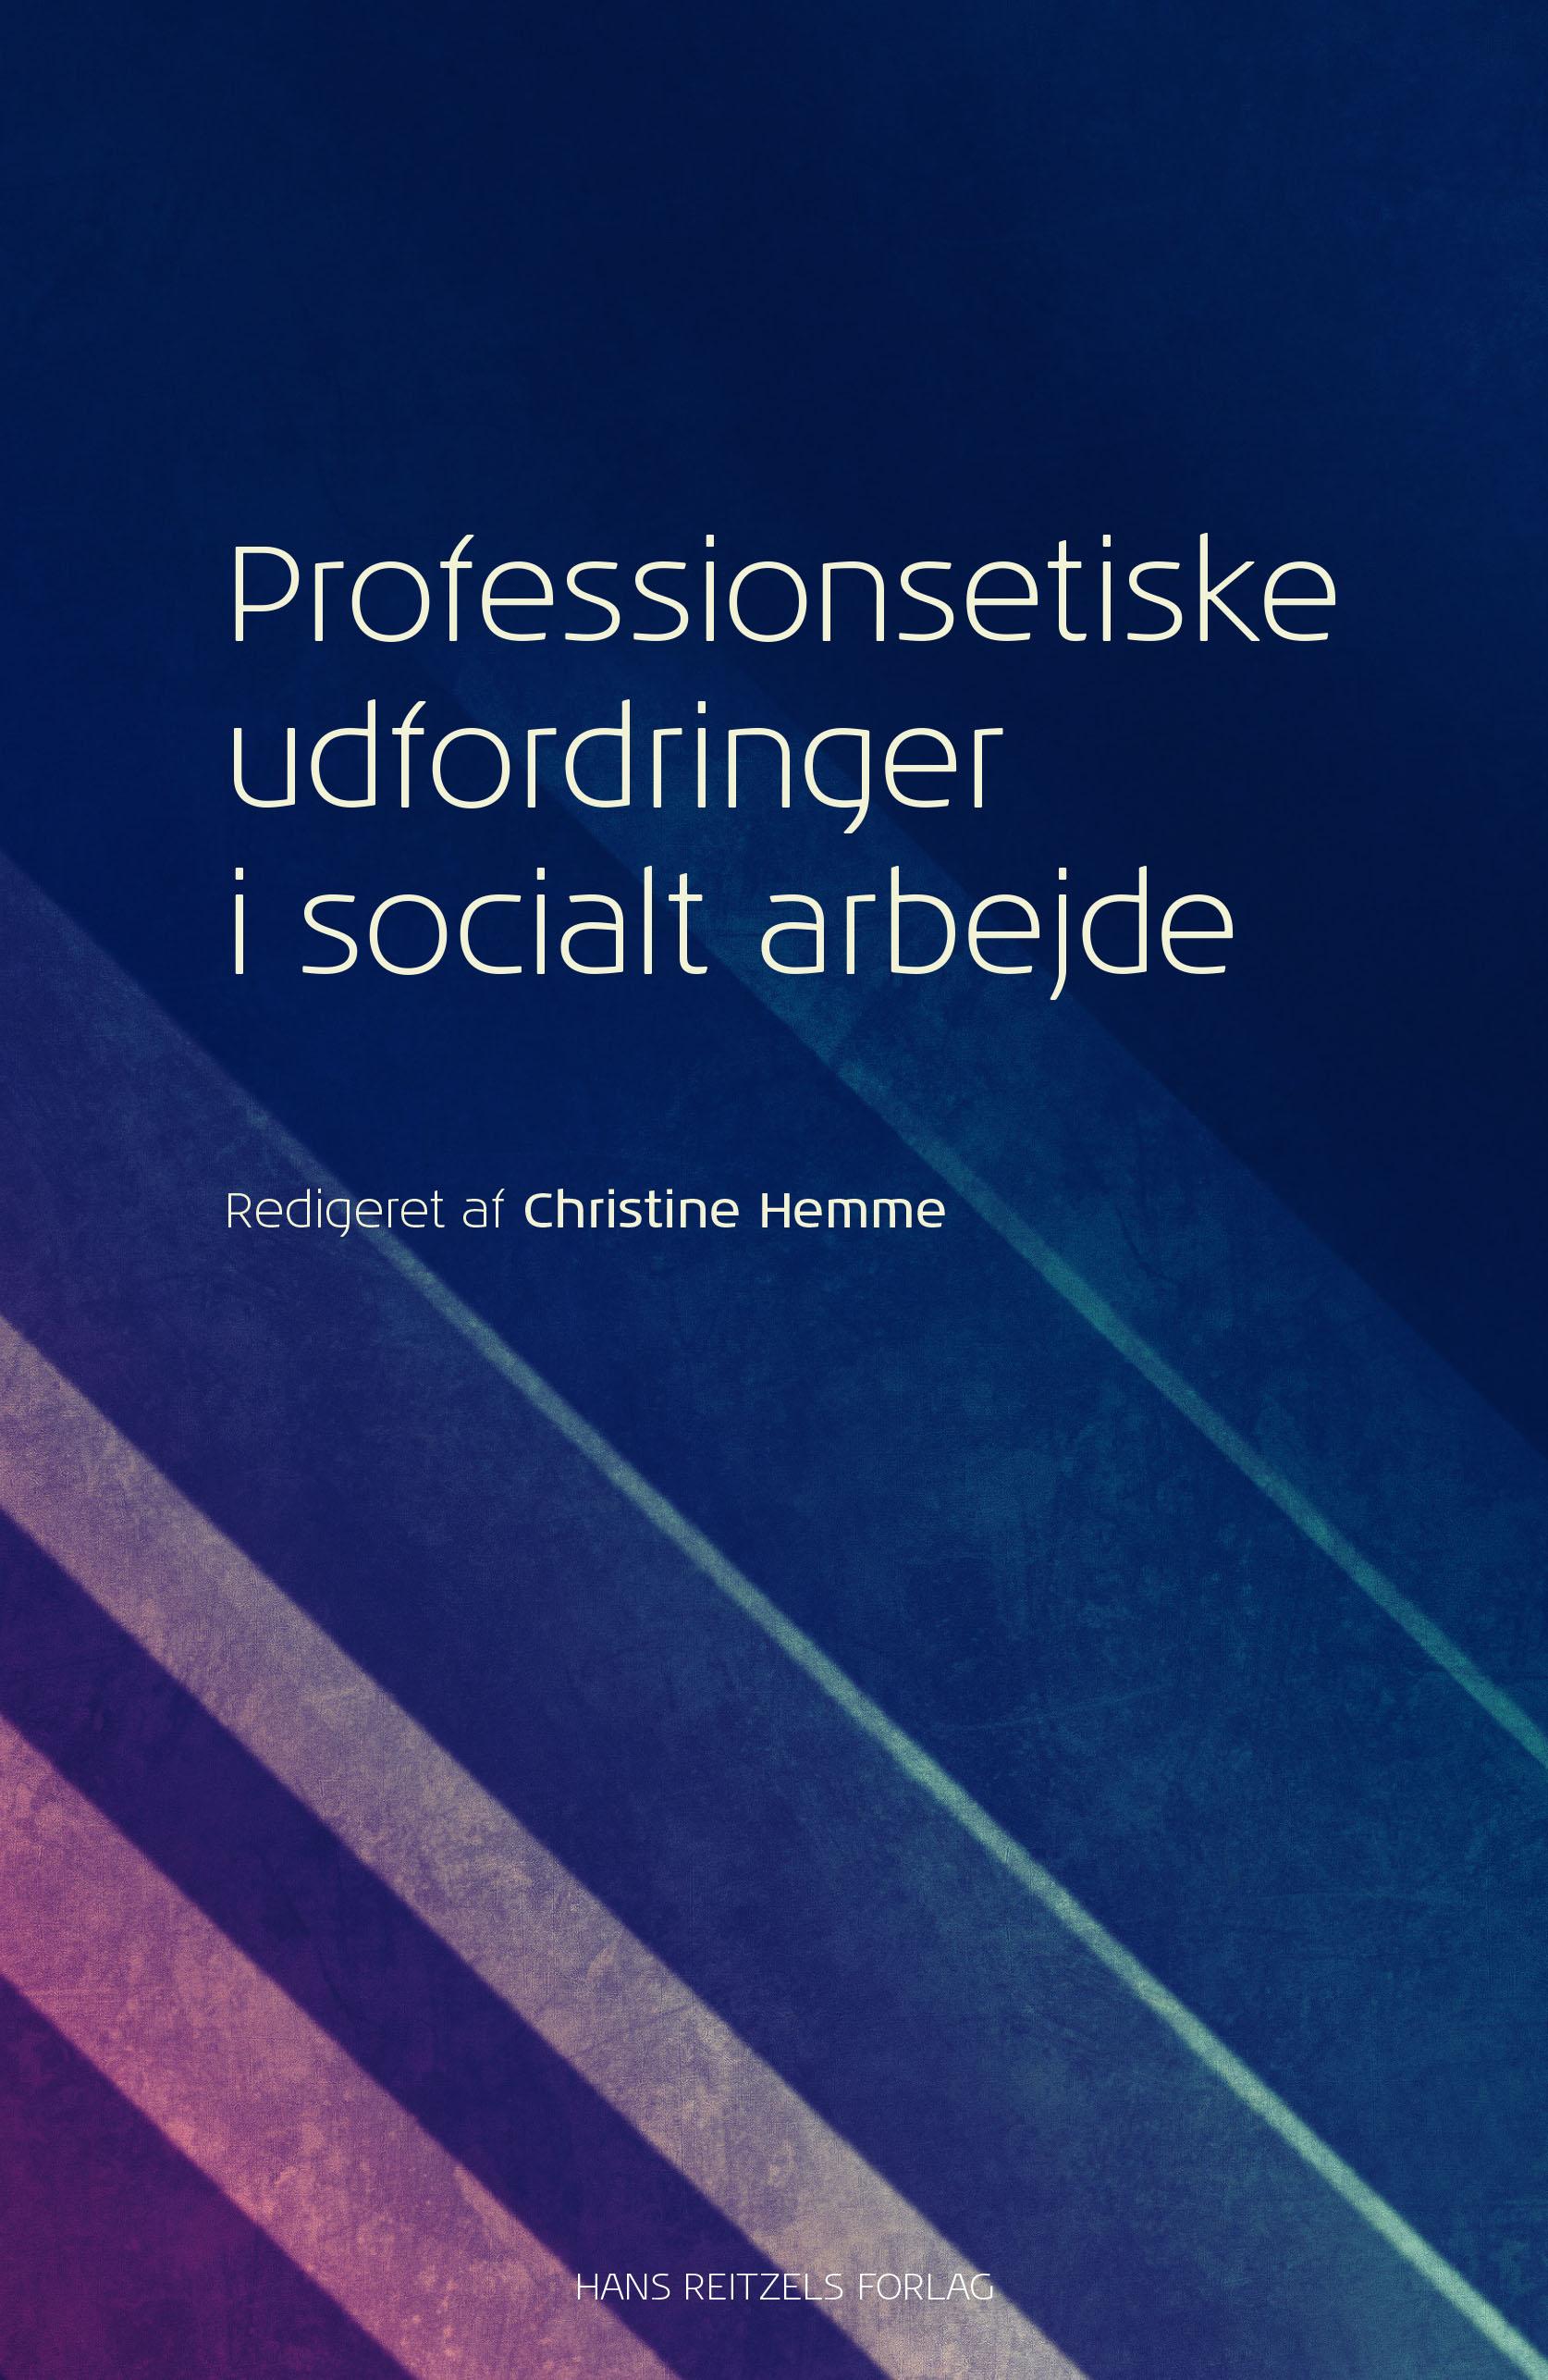 Professionsetiske udfordringer i socialt arbejde